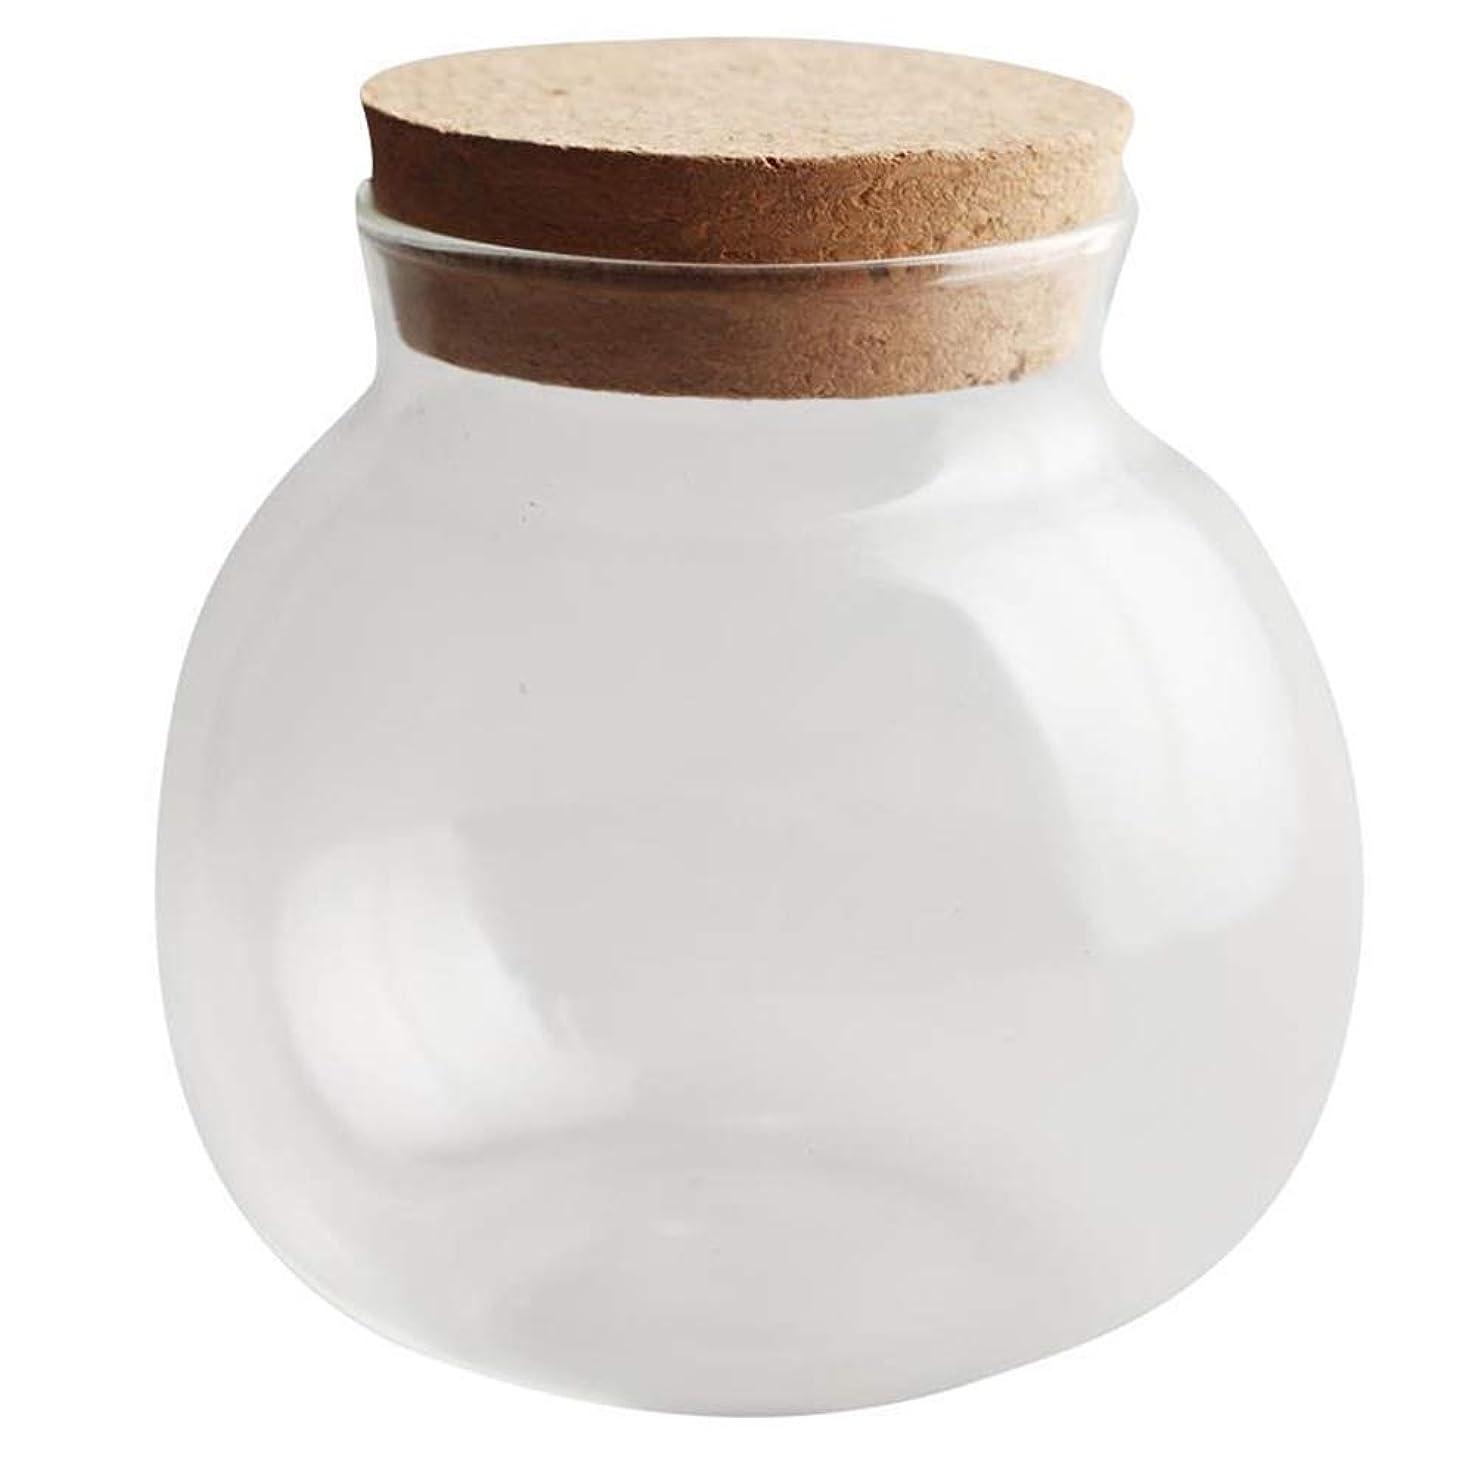 外側中断おもてなし収納瓶ガラスタンク耐熱スパイス収納ボトル透明キャンディジャーホームスパイス瓶